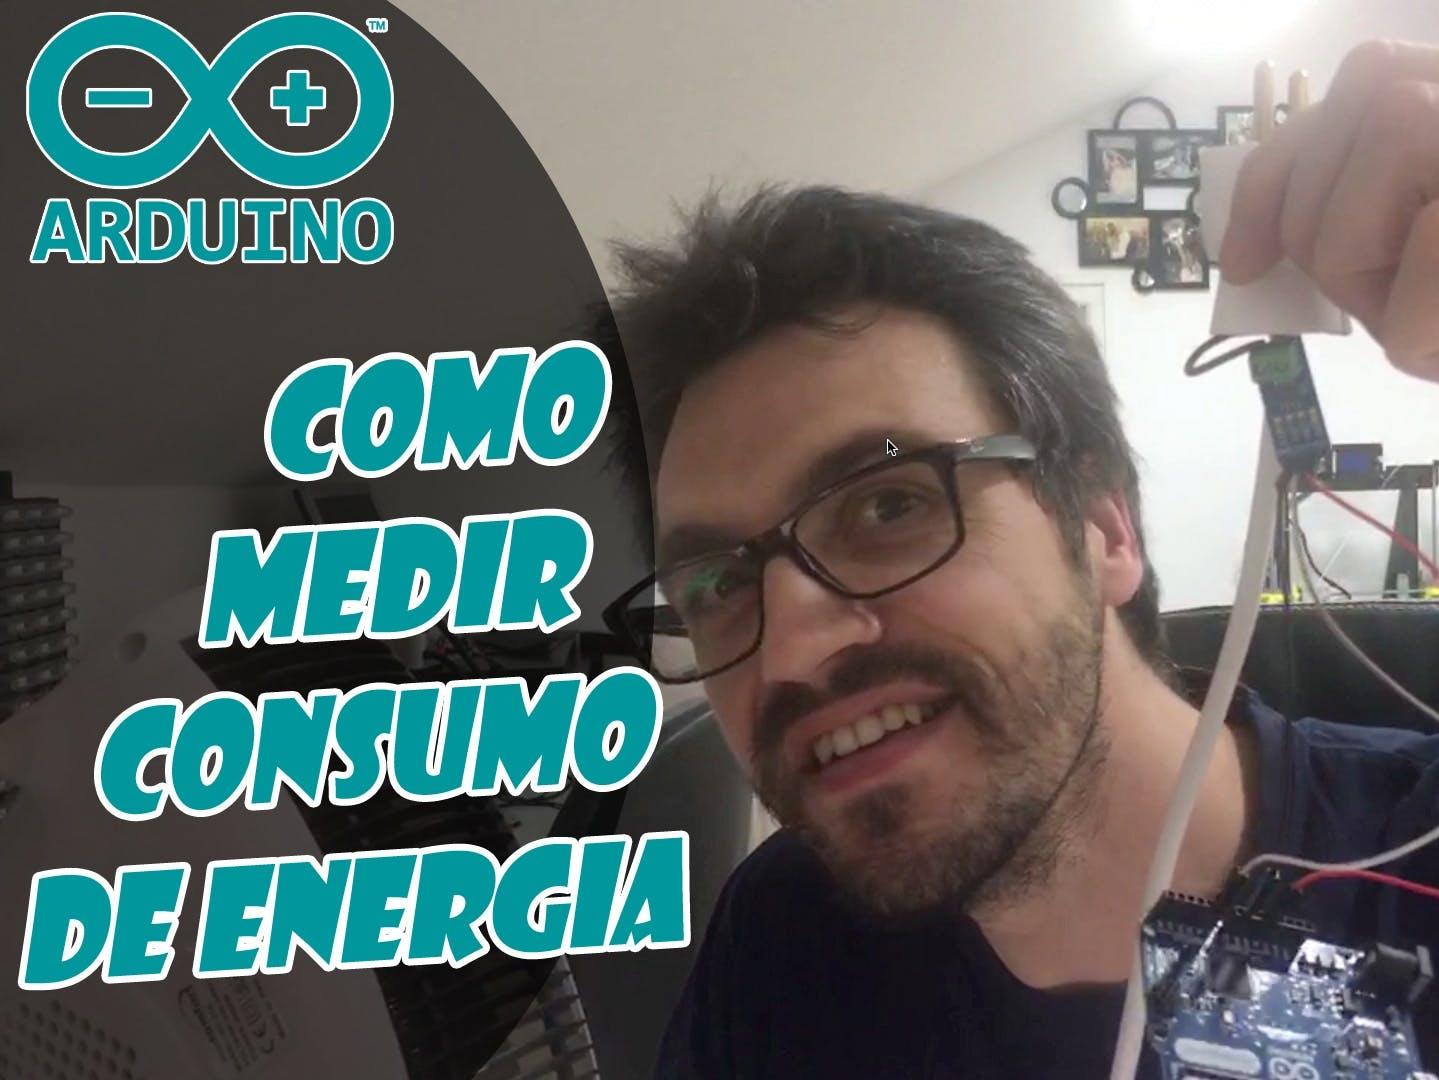 Medidor de Consumo de Energia Eléctrica